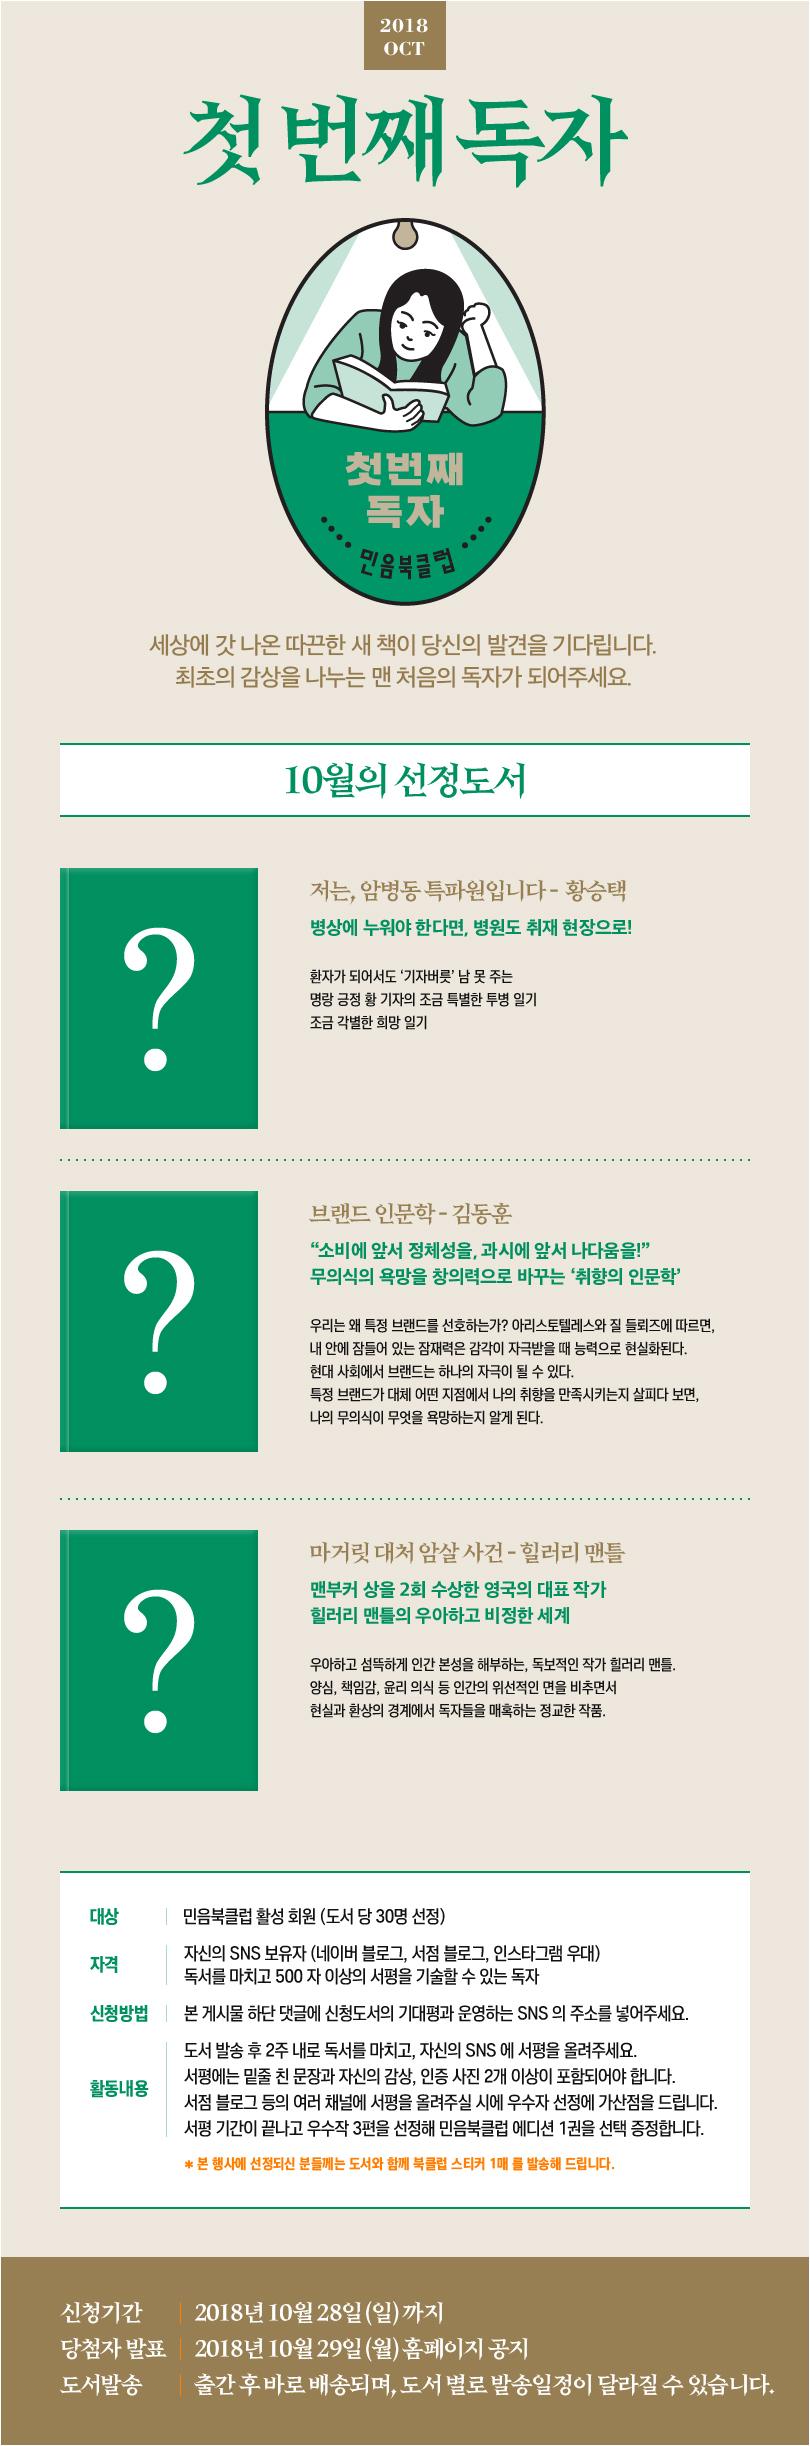 810_민음북클럽_첫번째독자 (6)